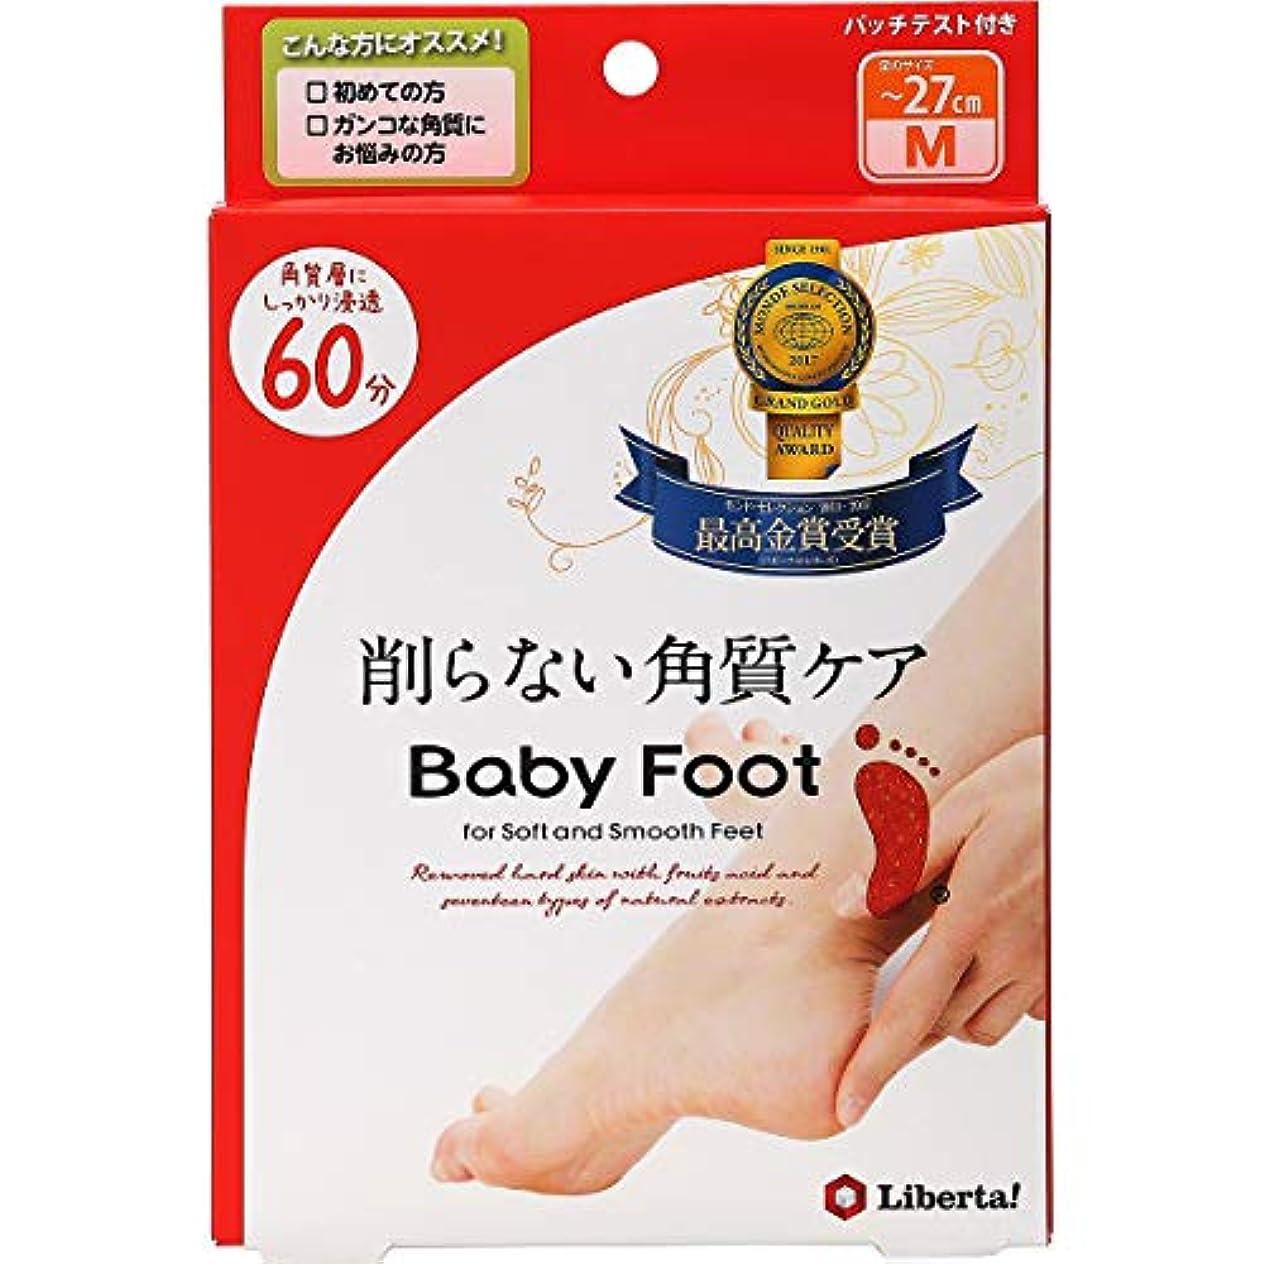 進化タブレット試験ベビーフット (Baby Foot) ベビーフット イージーパック SPT60分タイプ Mサイズ 単品